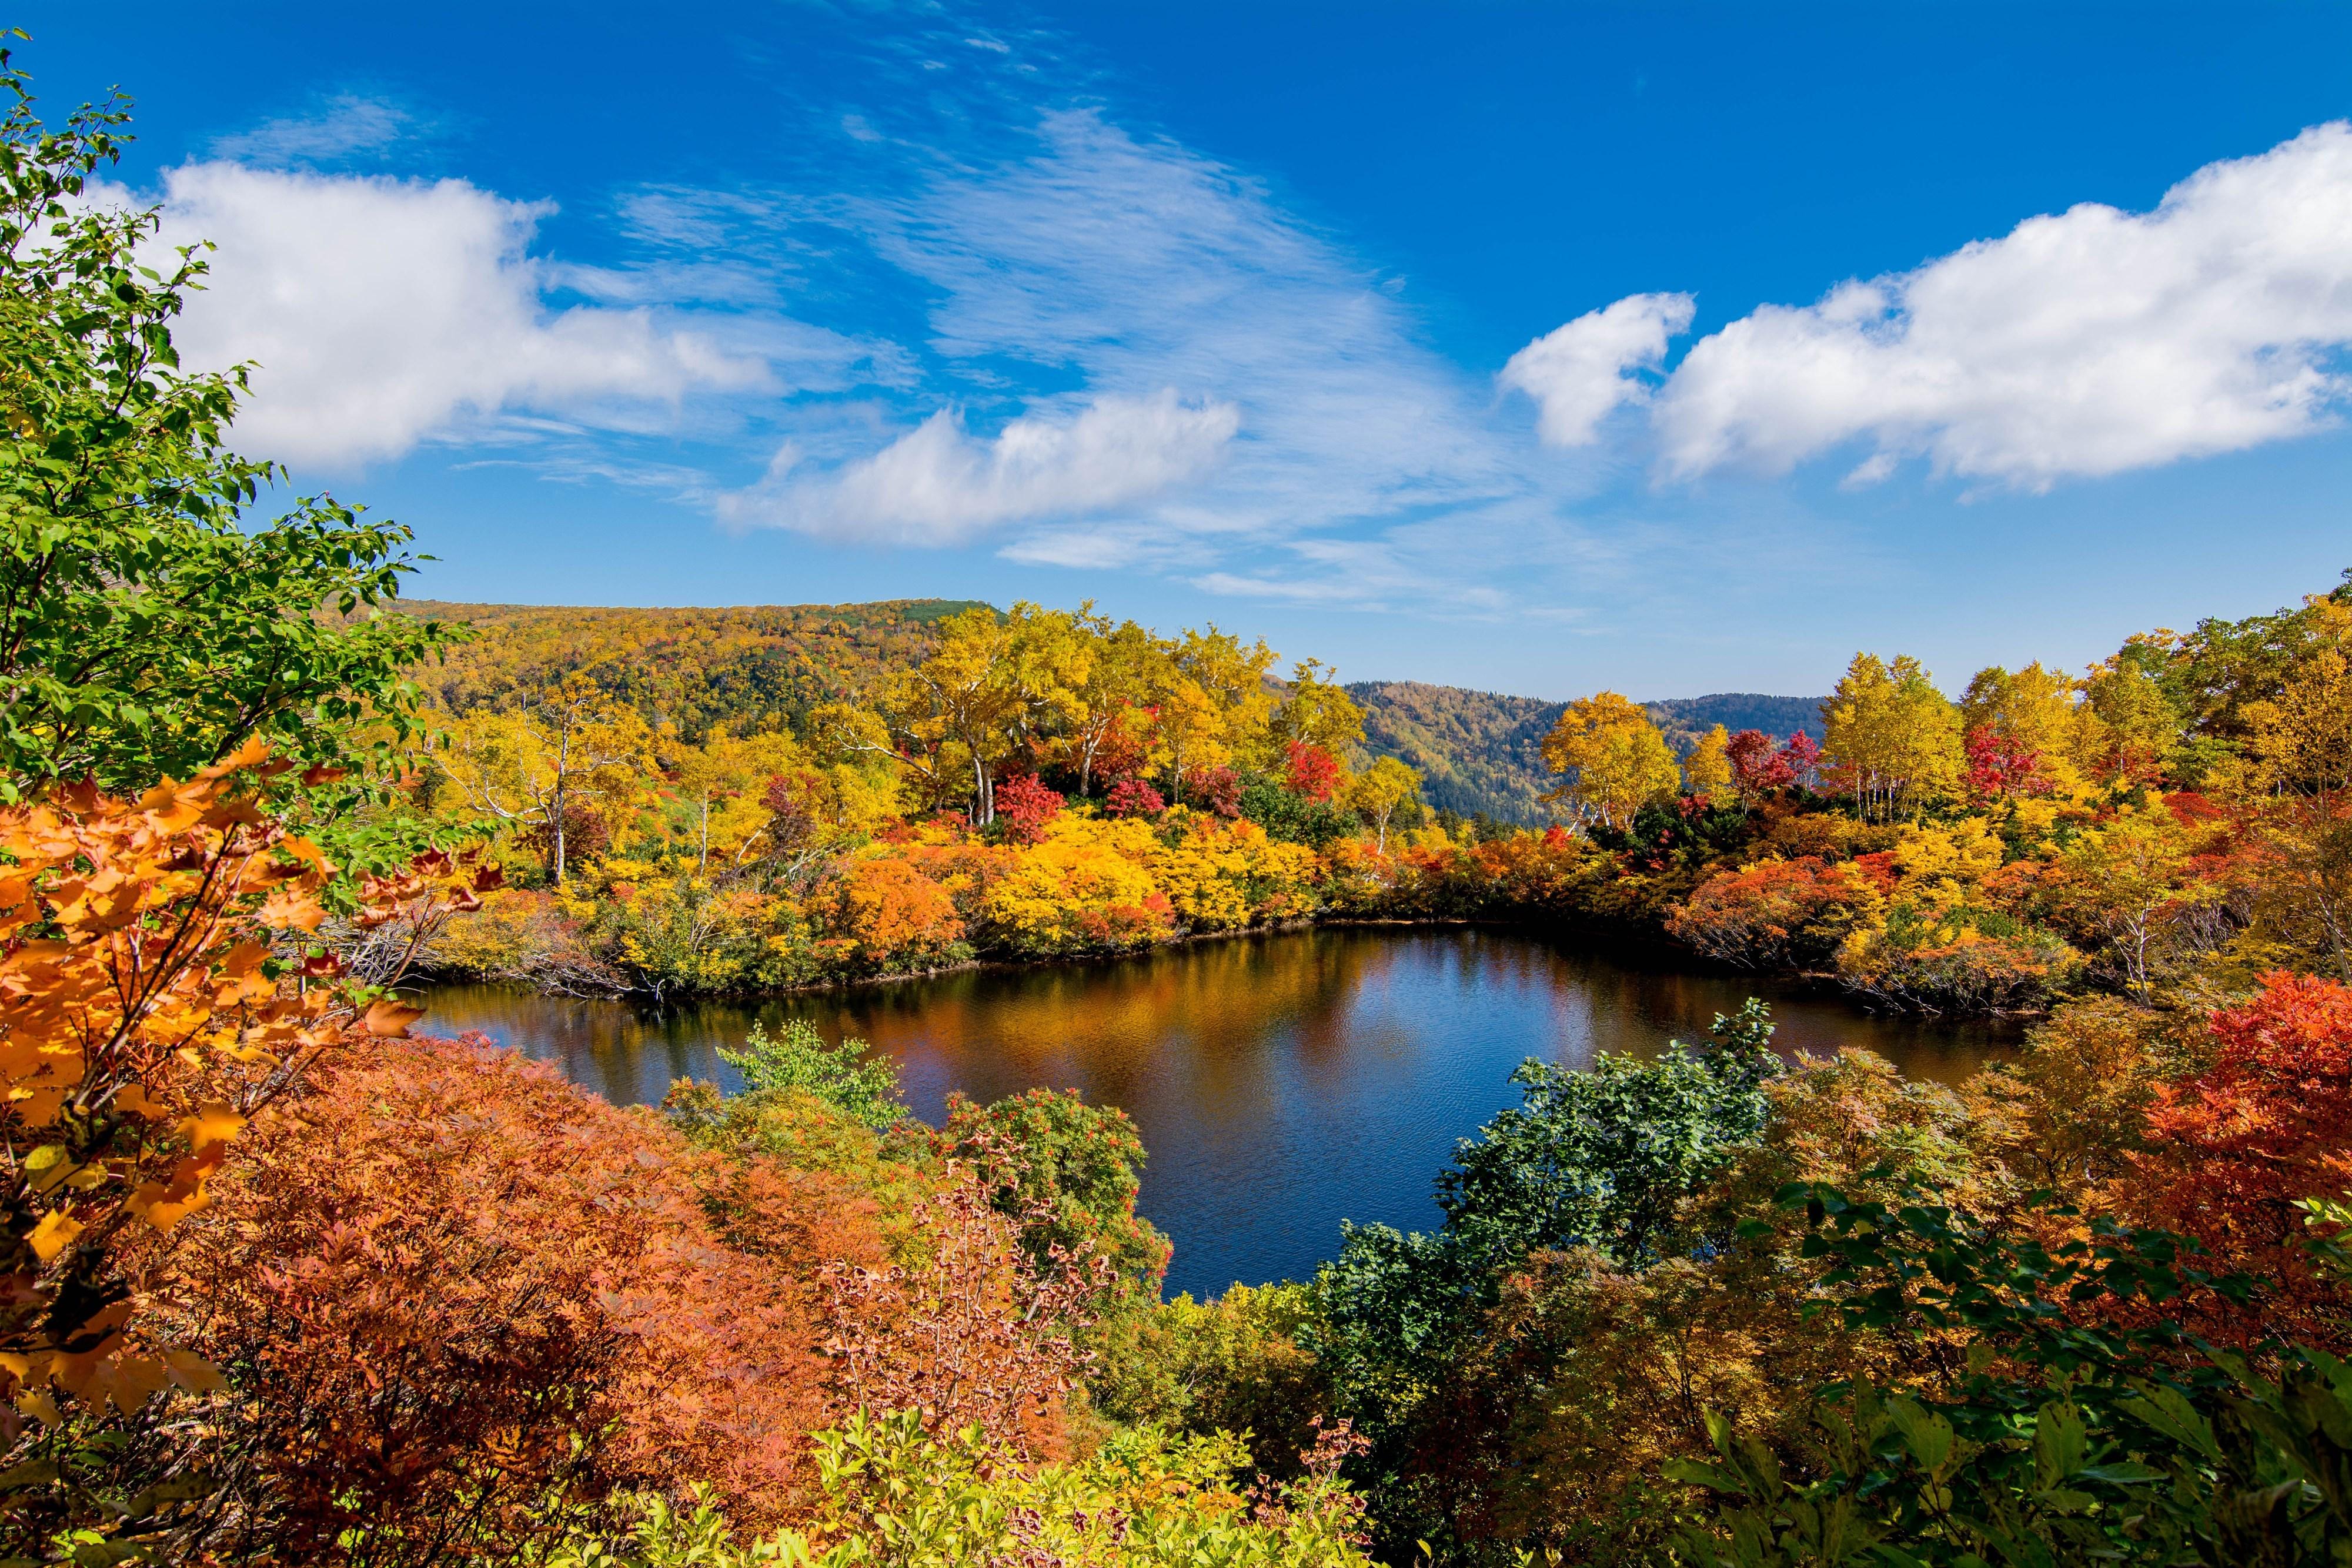 Hokkaido's Breathtaking Fall Scenery